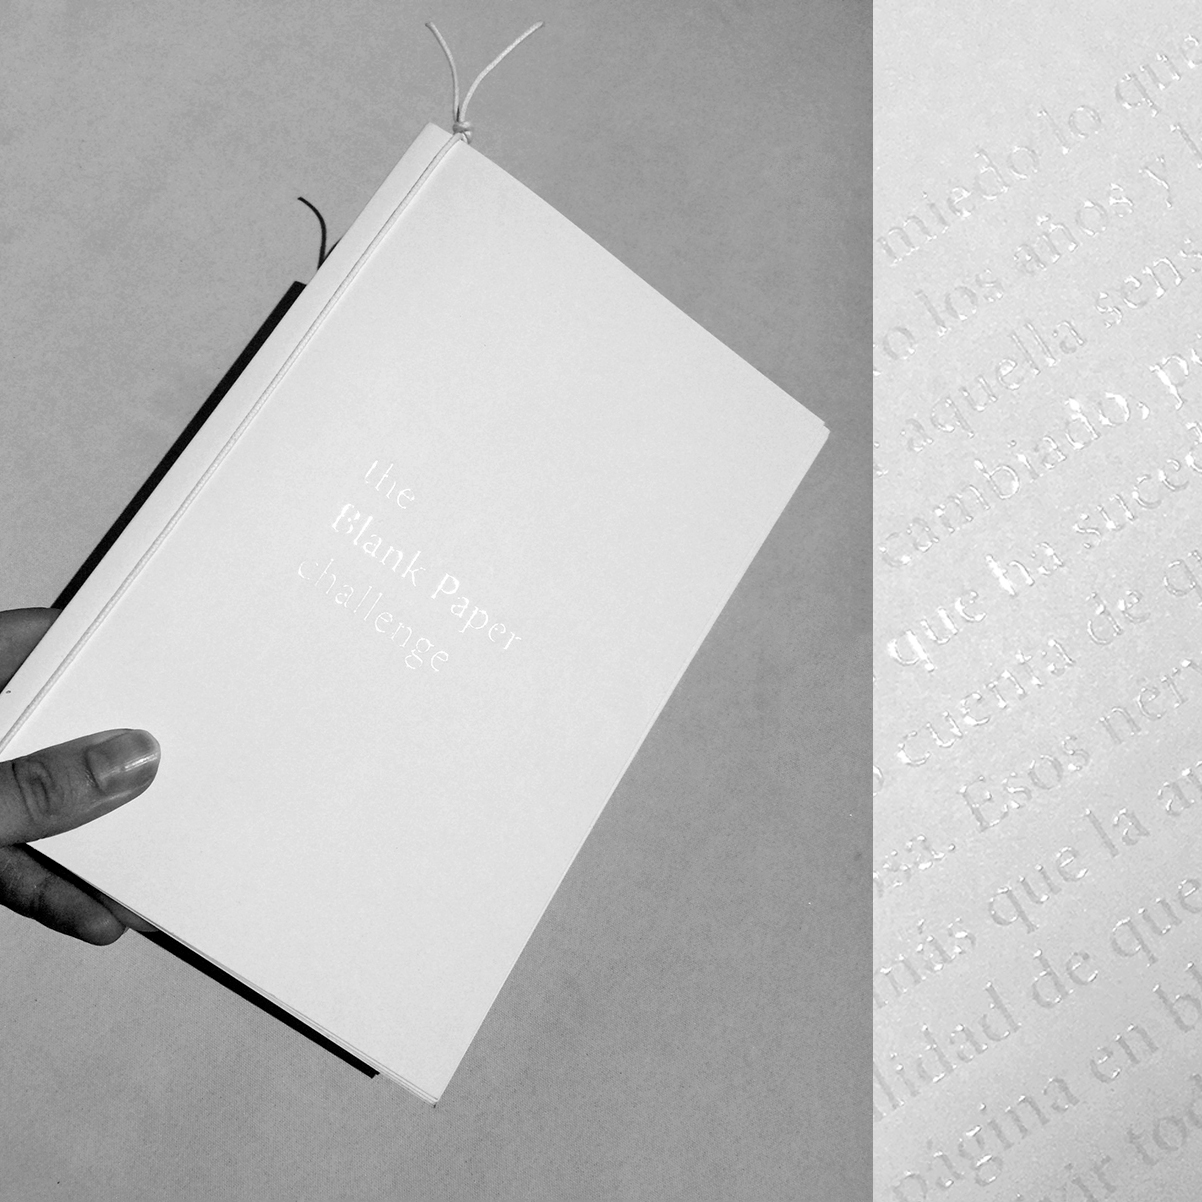 Participa y gana una libreta exclusiva de The Blank Paper Challenge